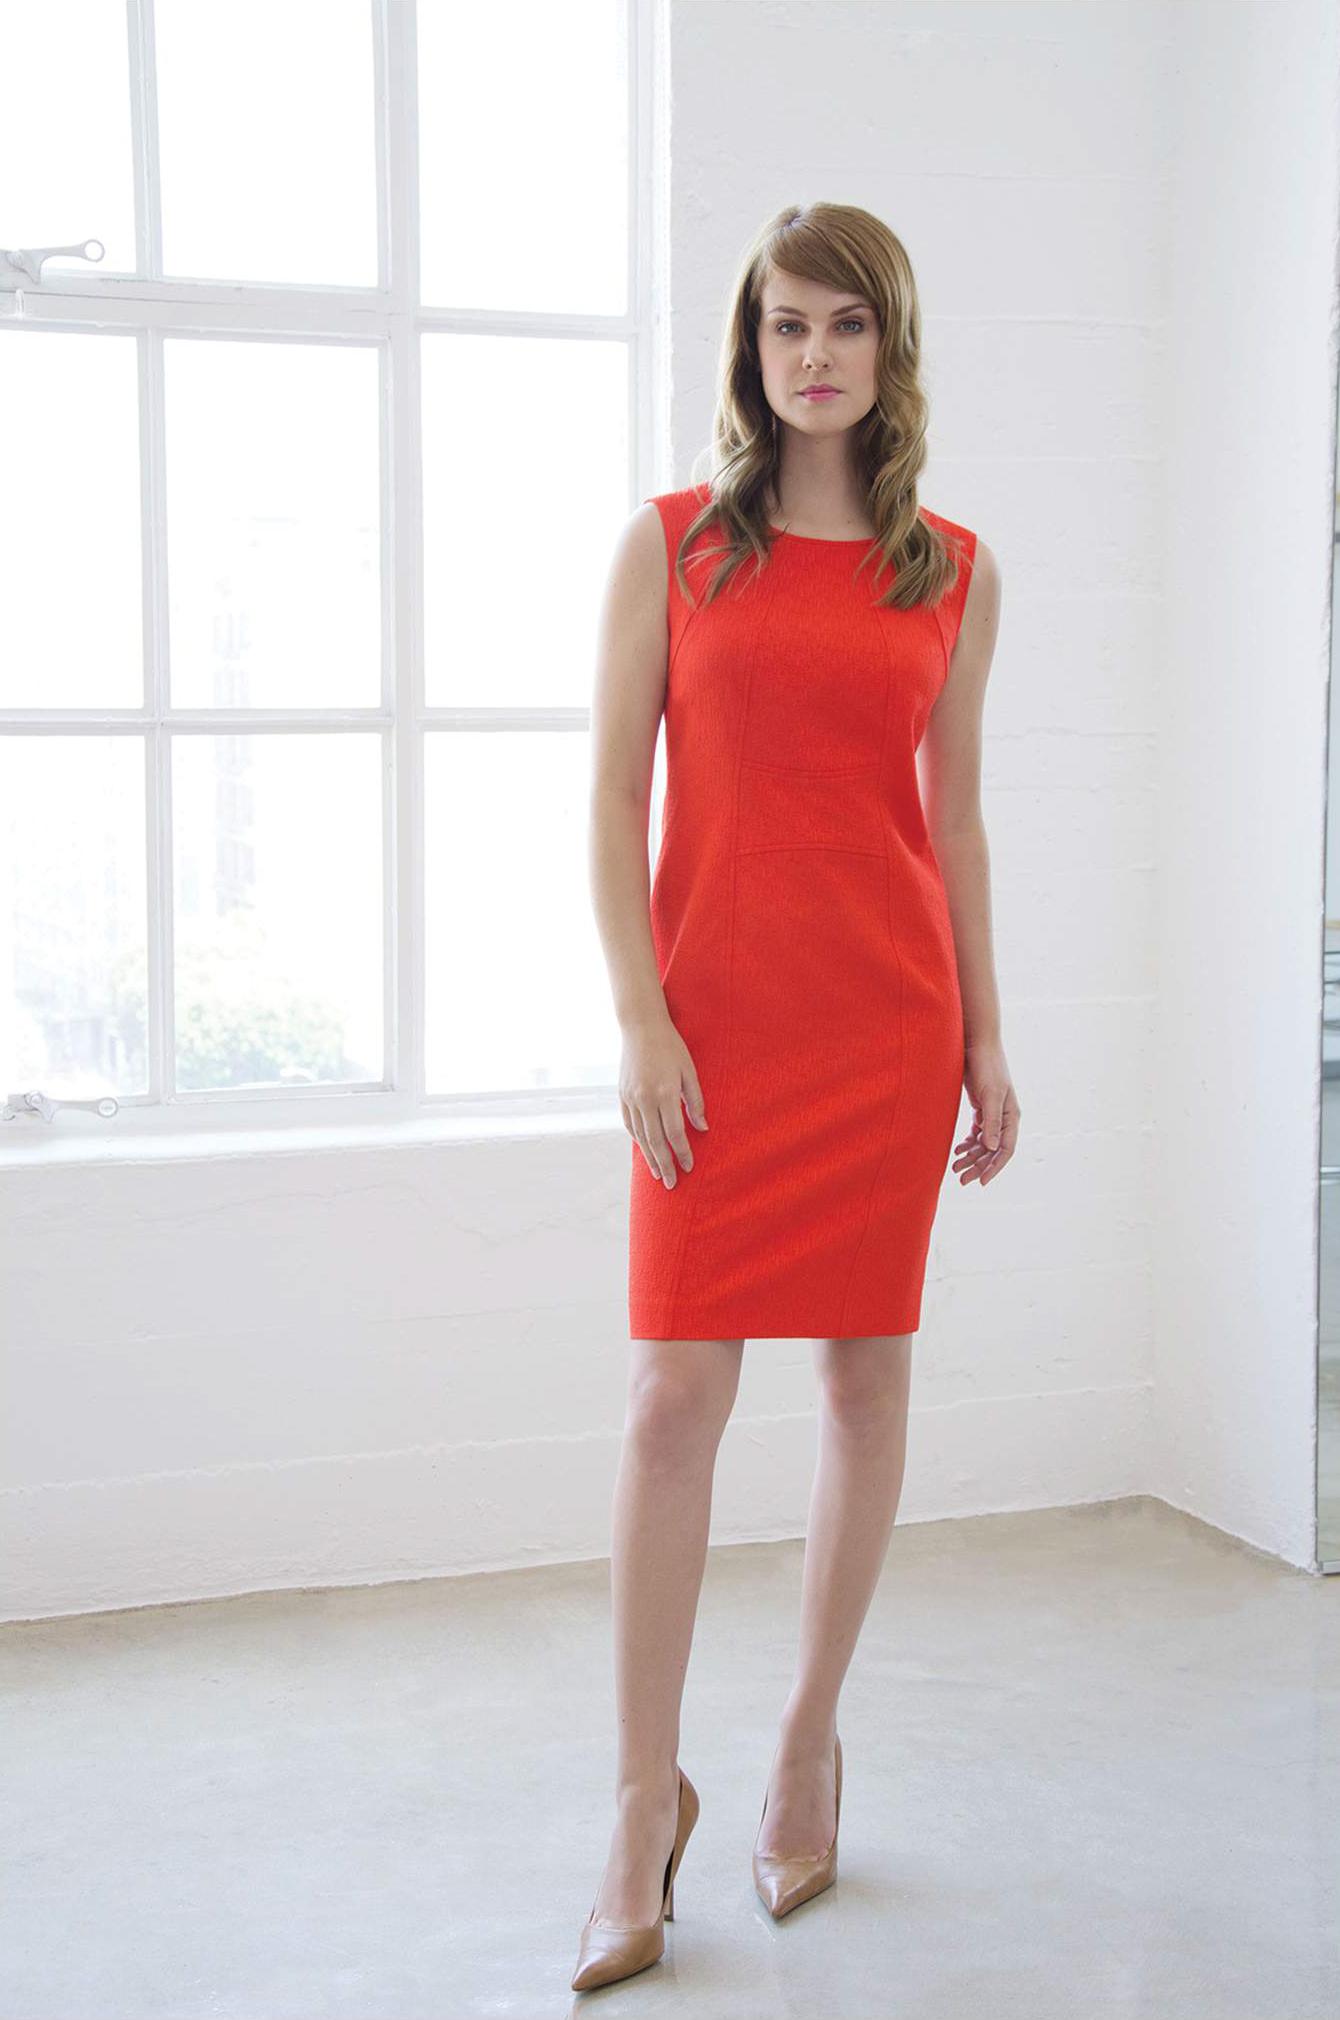 Dress: Yulanda - SANTORELLI